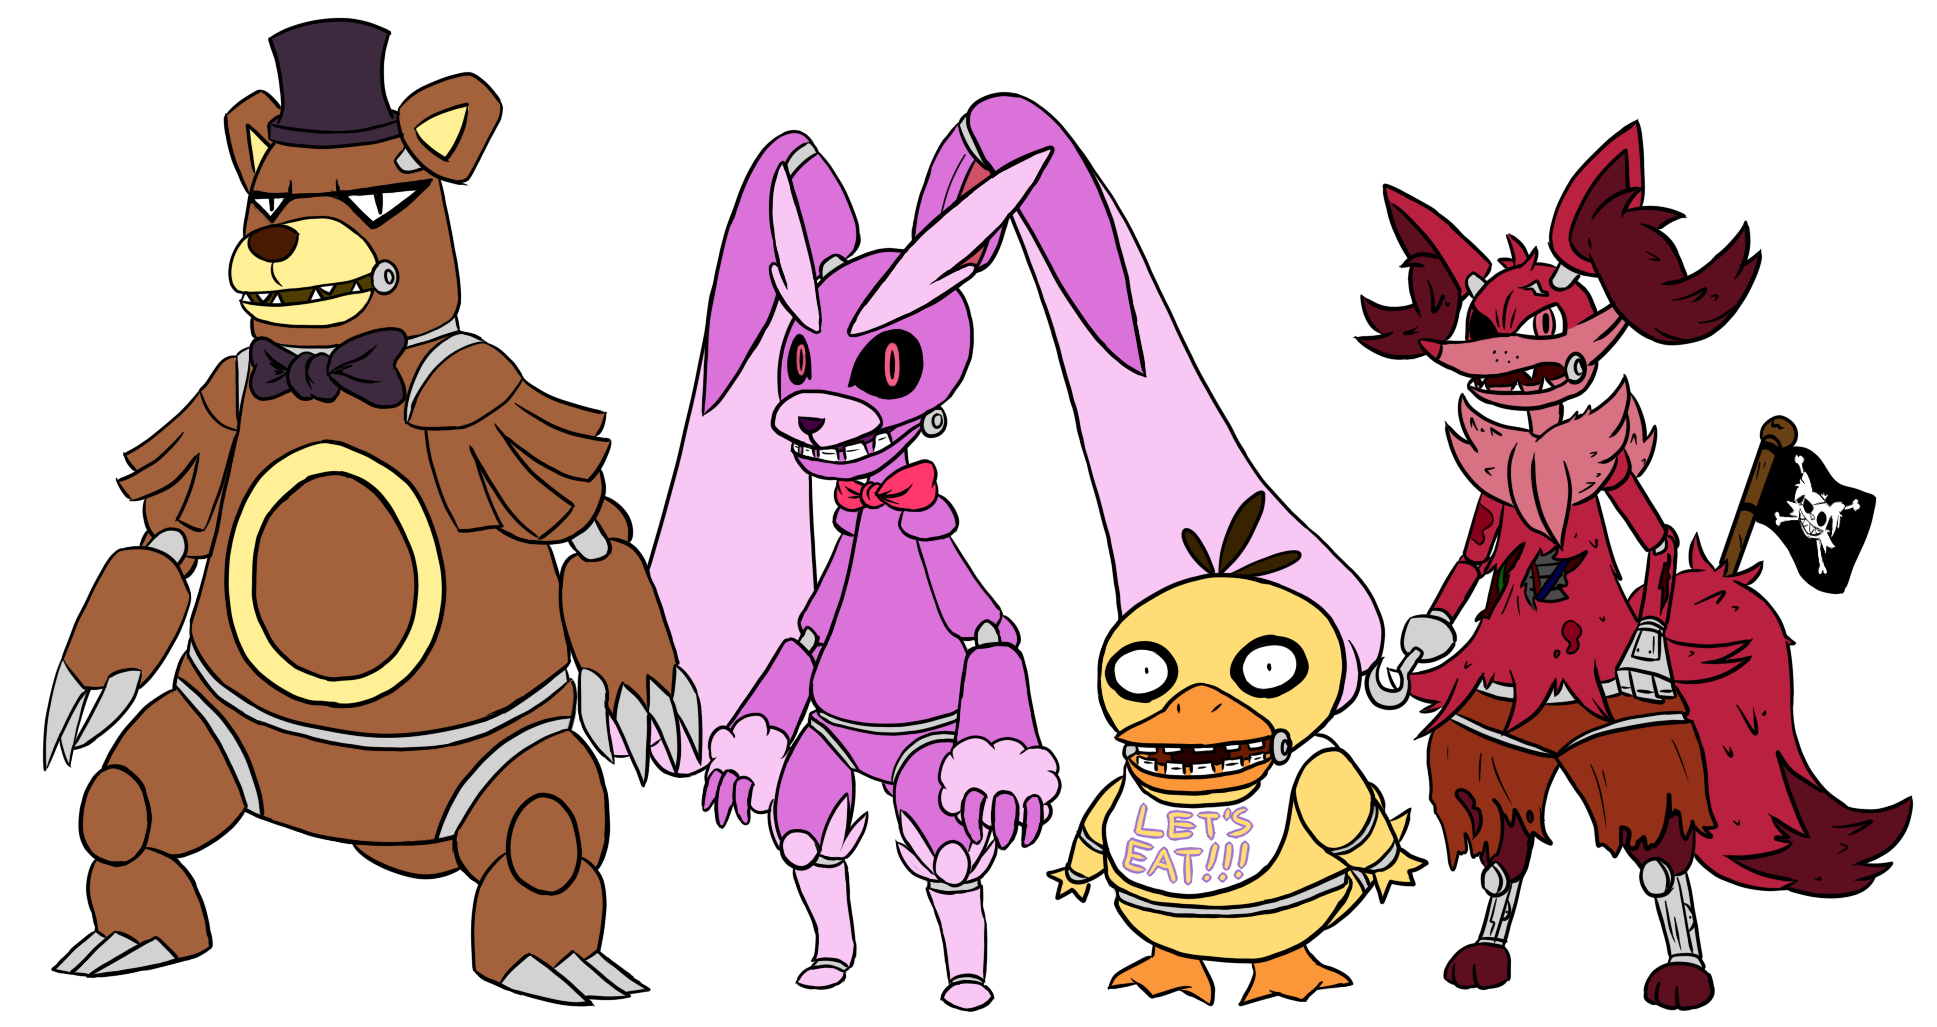 Fnaf pokemon by link8342 watch fan art digital art drawings games 2014